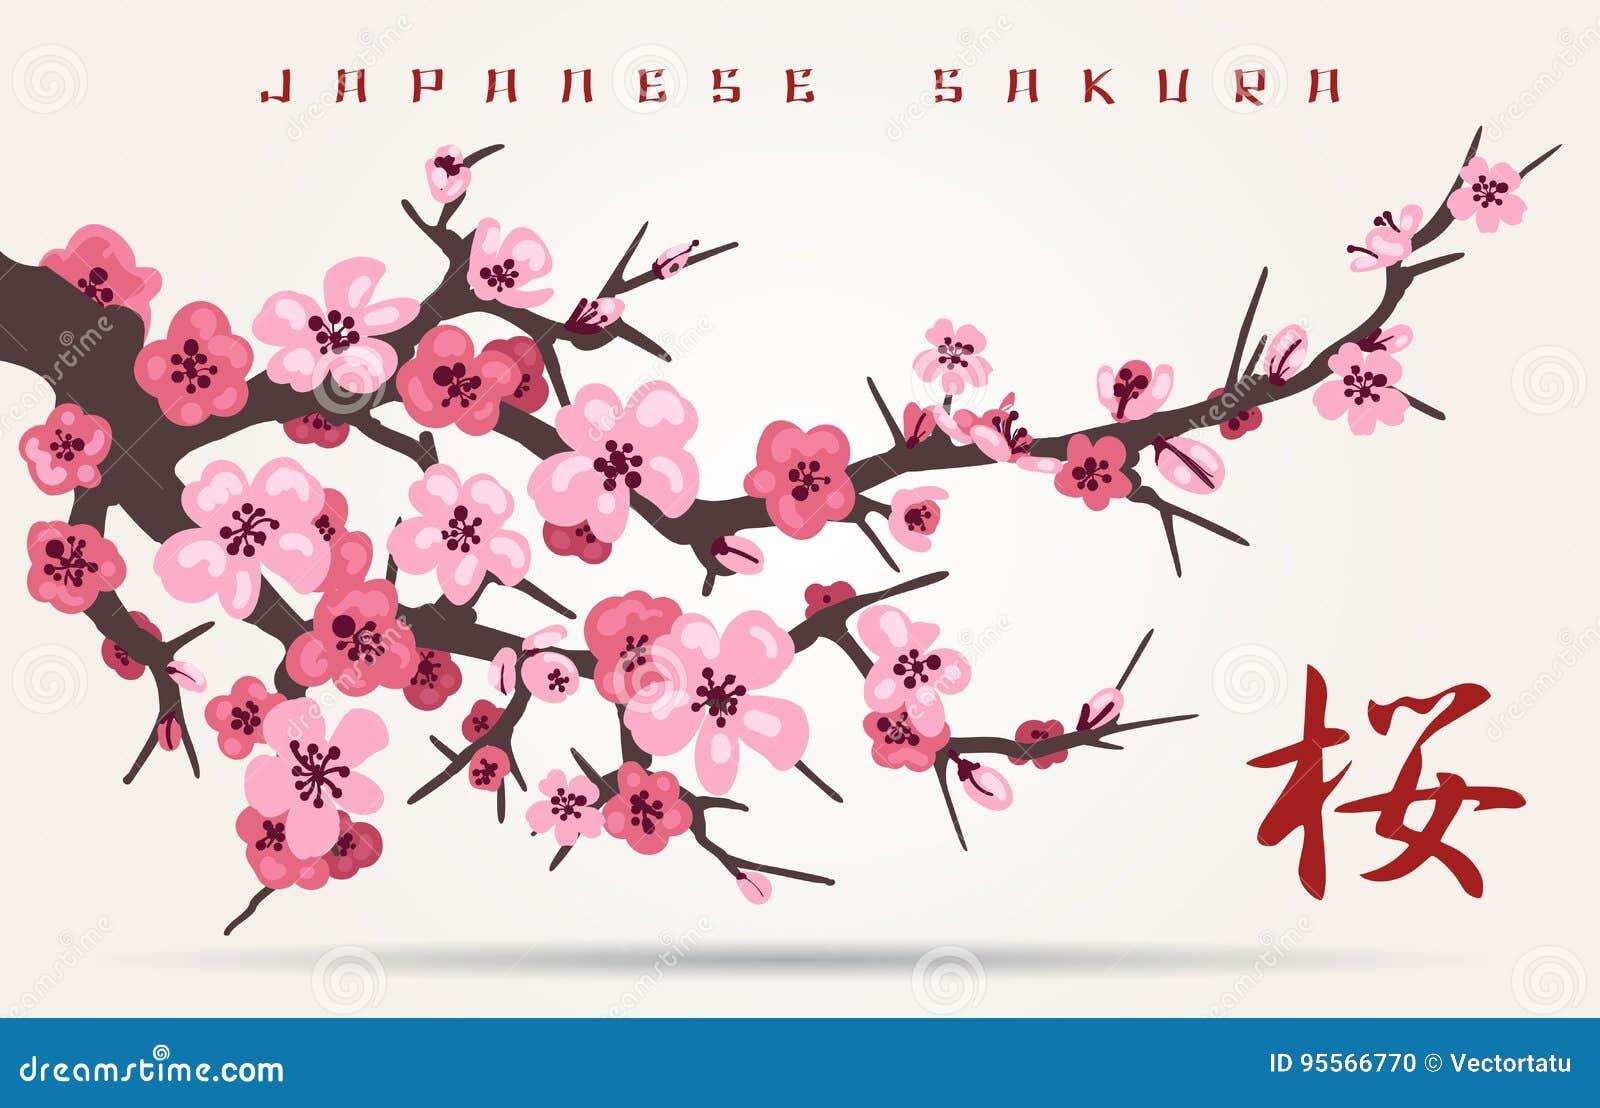 Arbol De Cerezo Japones rama de árbol de la flor de cerezo de japón ilustración del